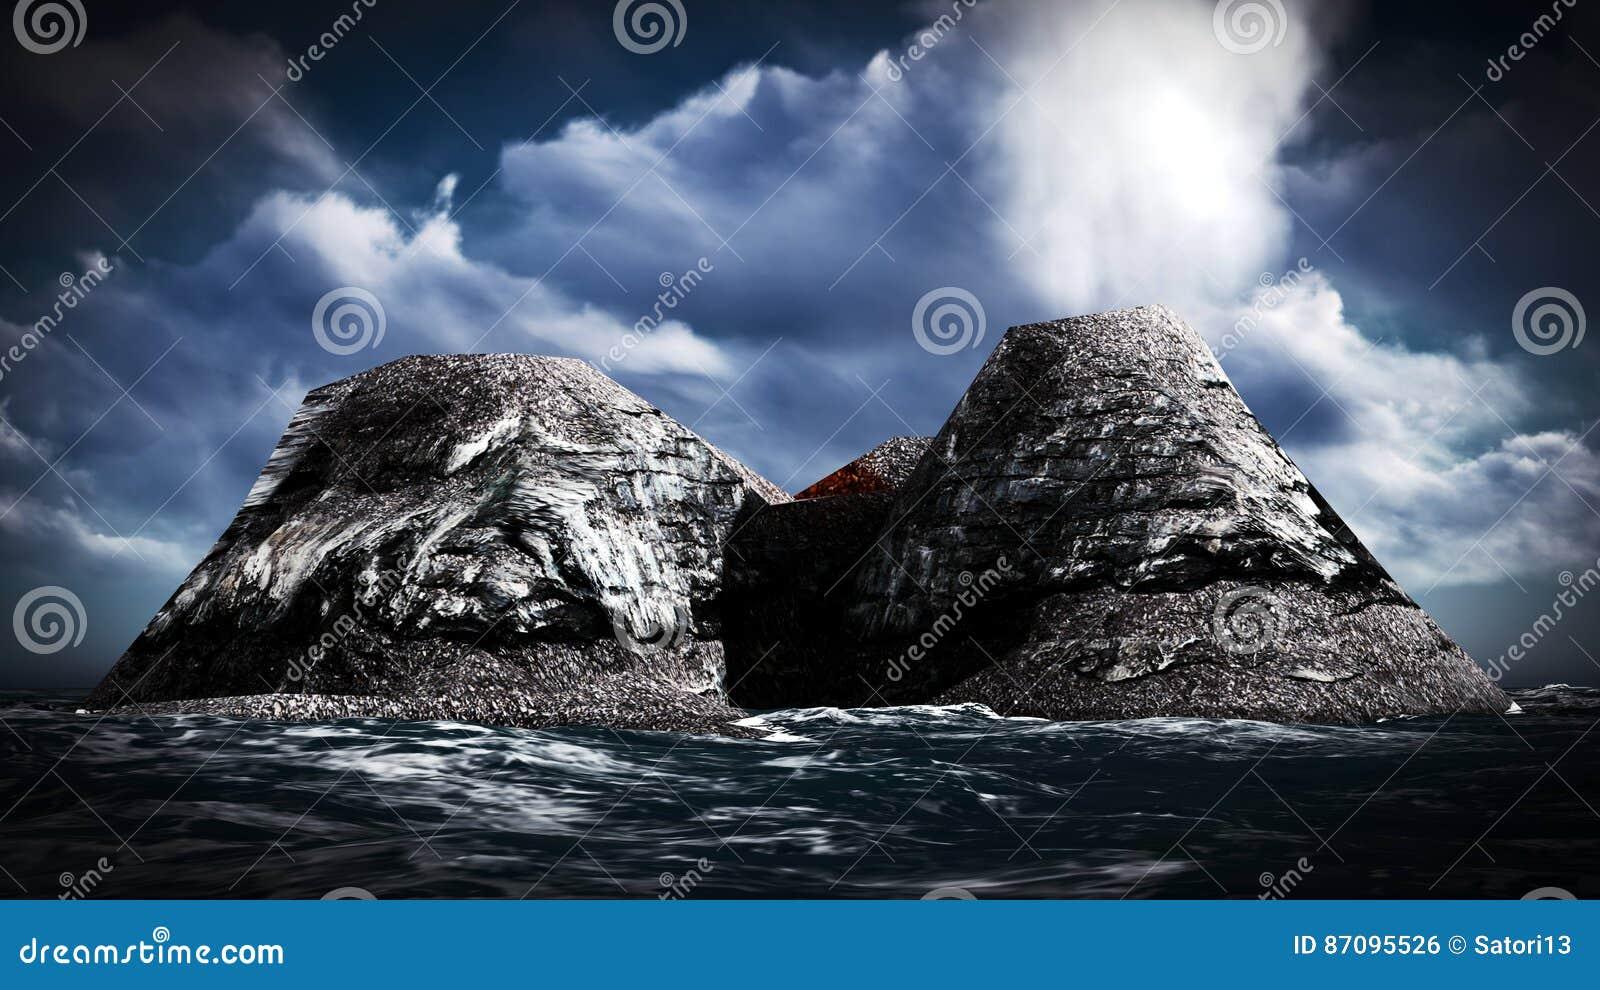 Вулканическое извержение на переводе острова 3d